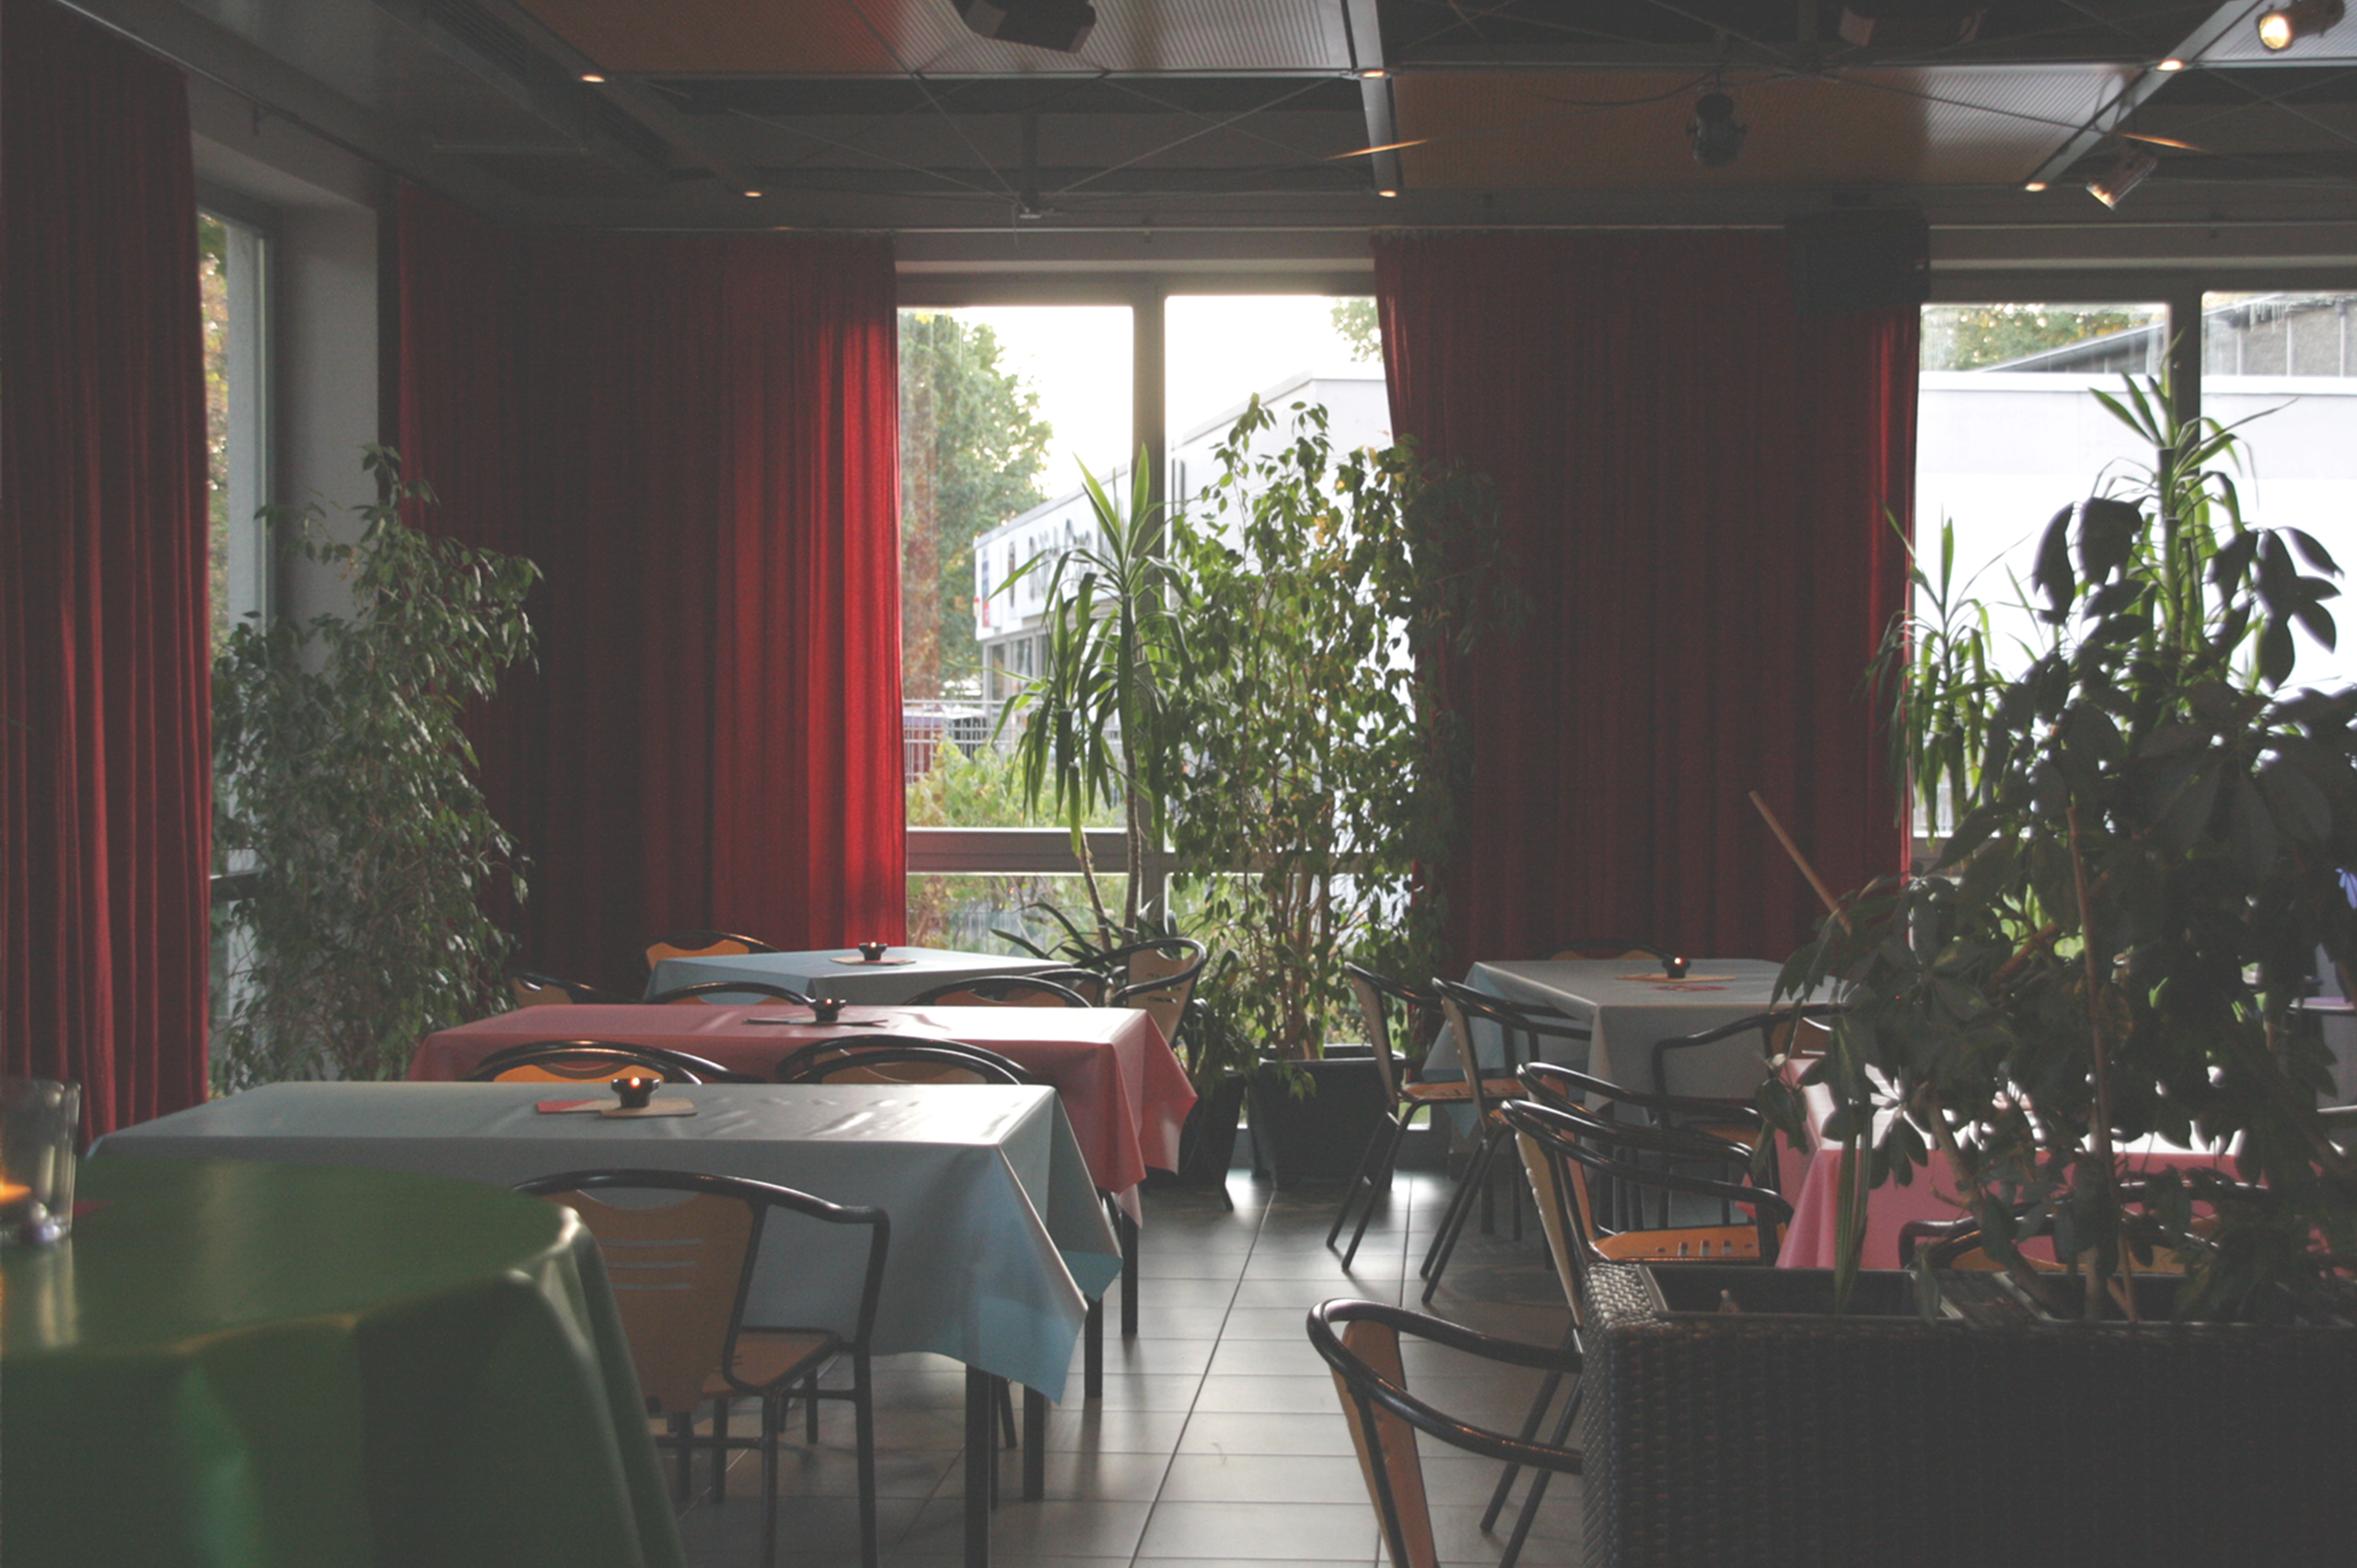 Foto von Thekenbereich. Sechs Tische mit Stühlen sind im Raum verteilt. Viele Pflanzen stehen vor großen Fenstern.